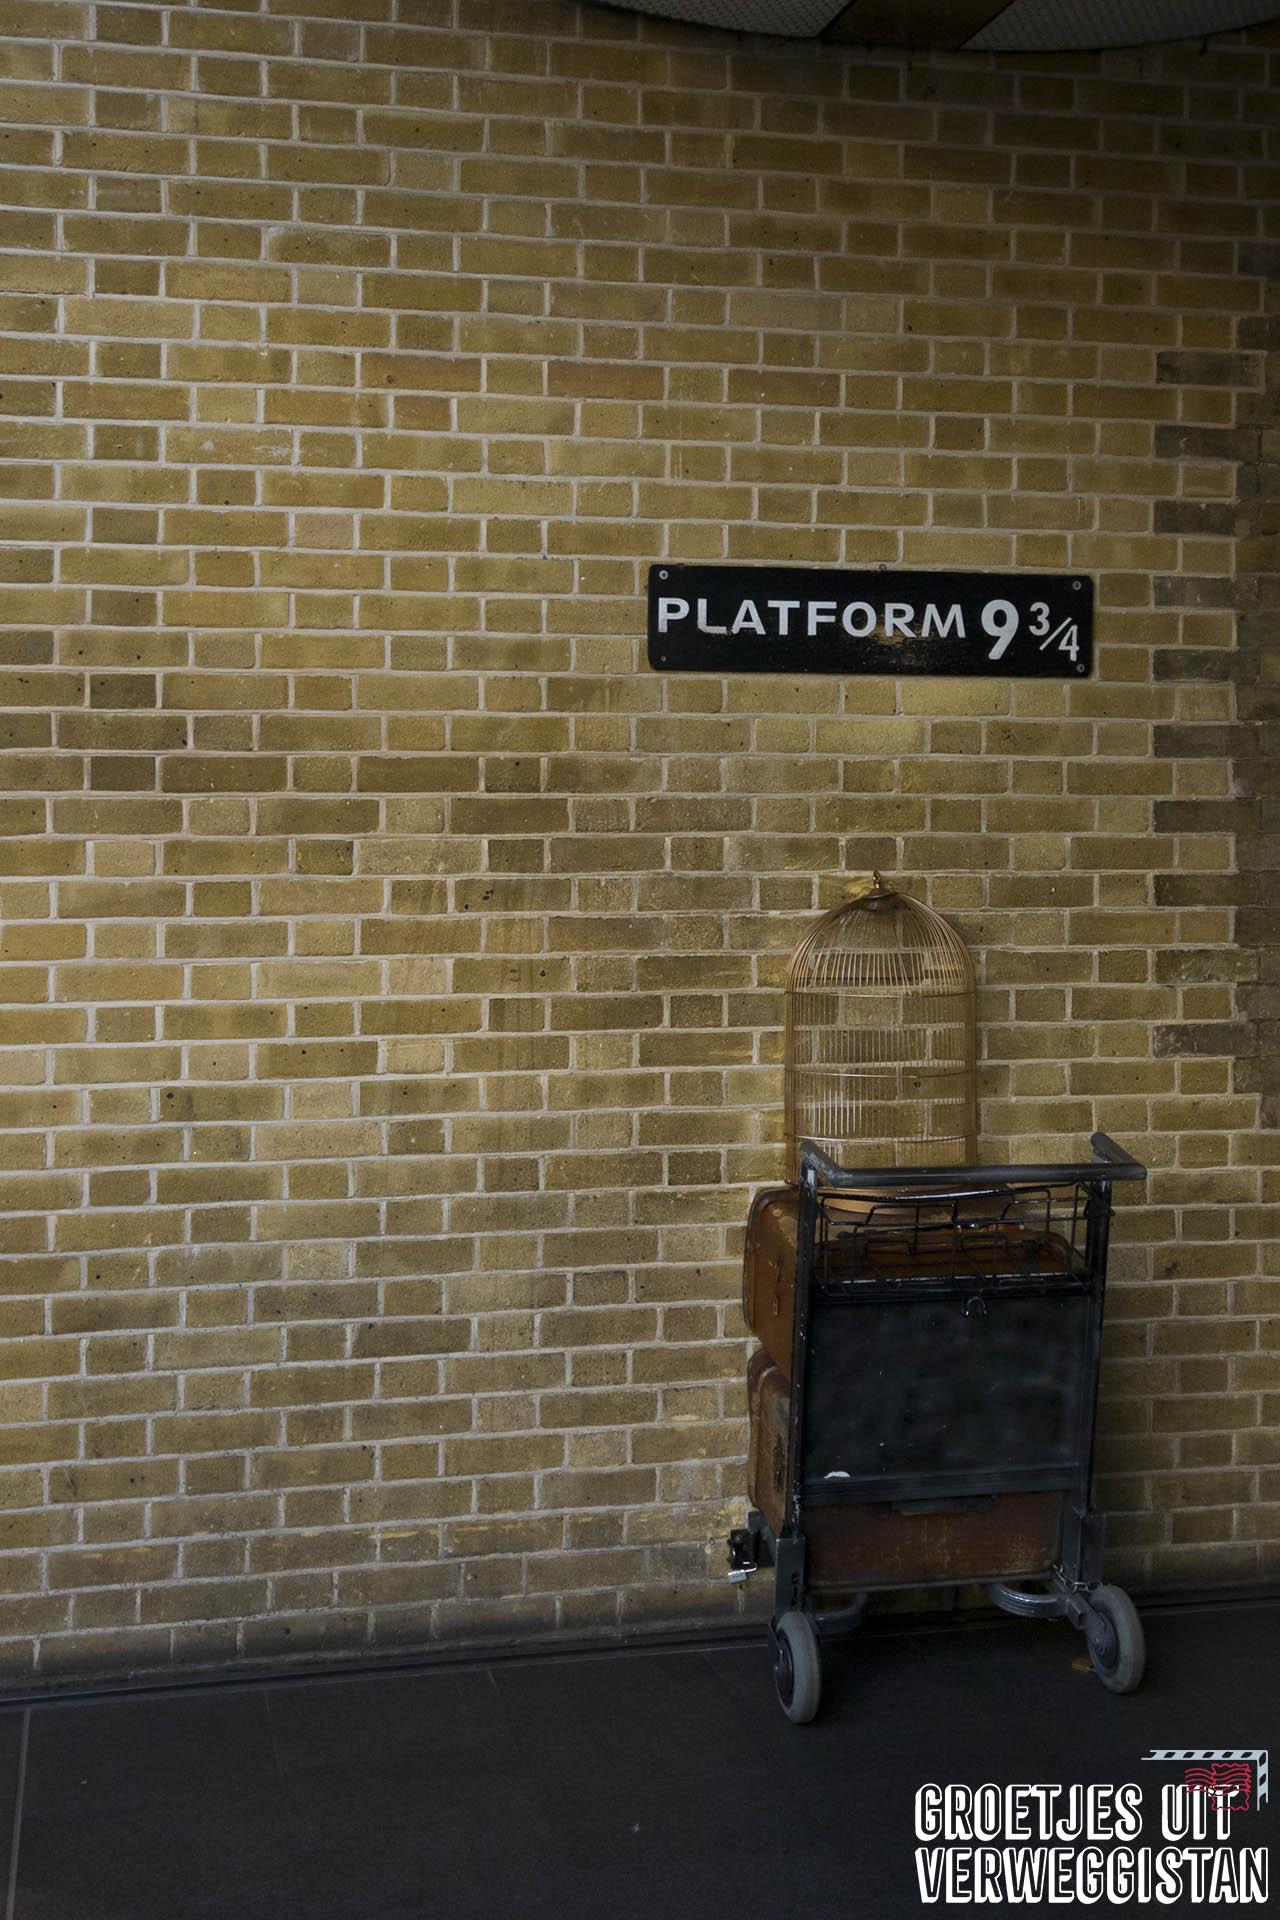 De trolley en muur bij Platform 9 3/4 in King's Cross.